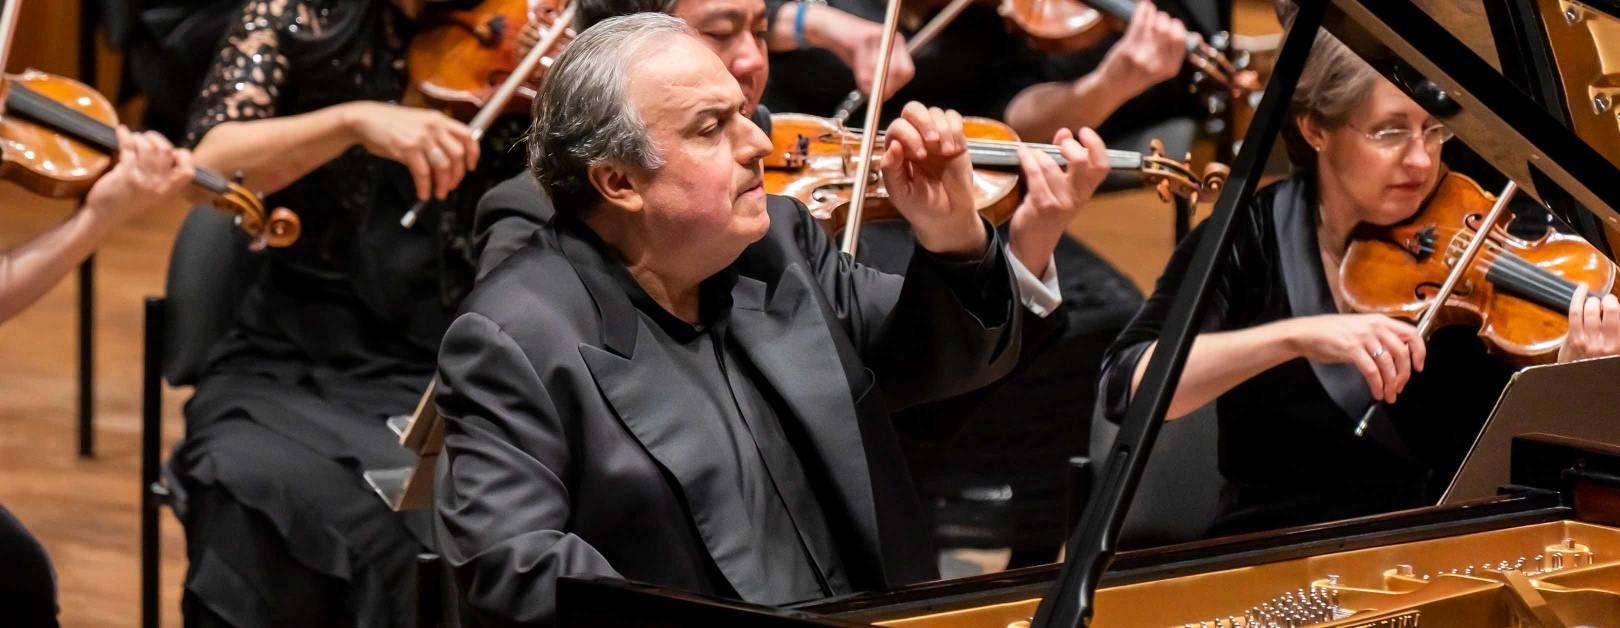 CANCELLED: Bronfman, Beethoven, and Bruckner